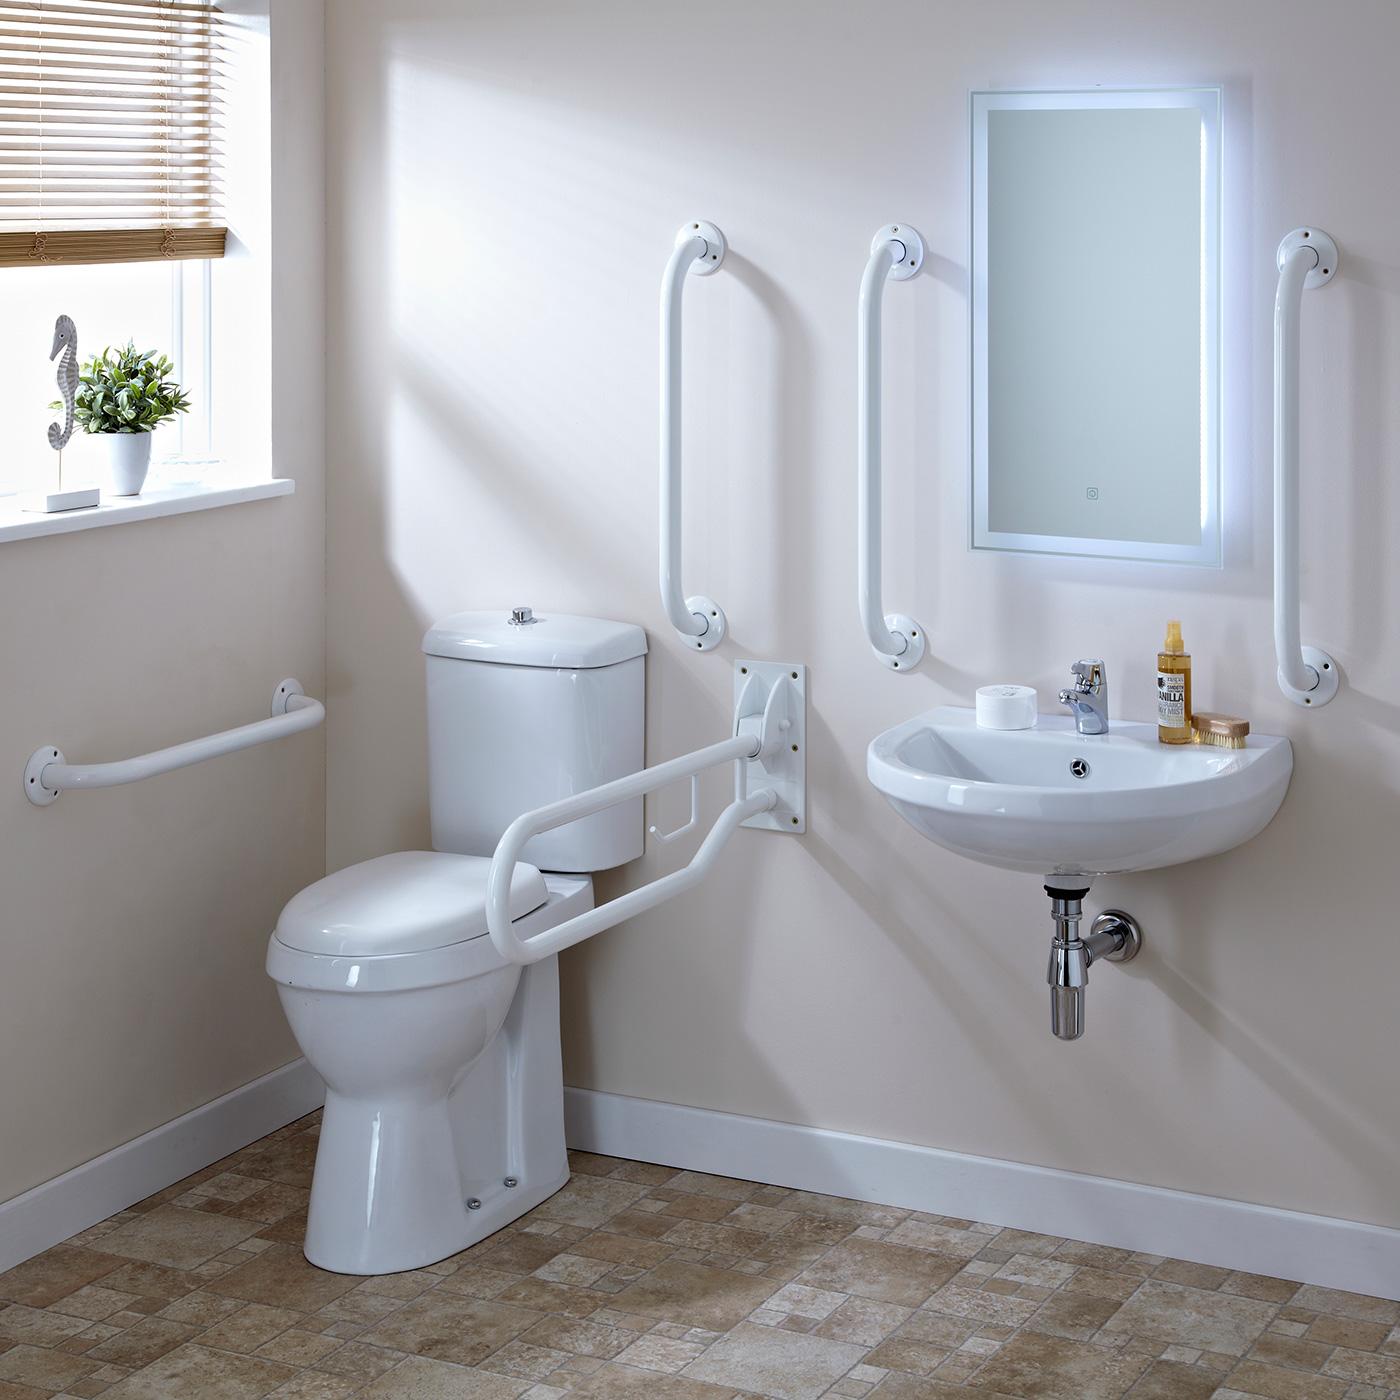 Barrierefreie Toilettenausstattung